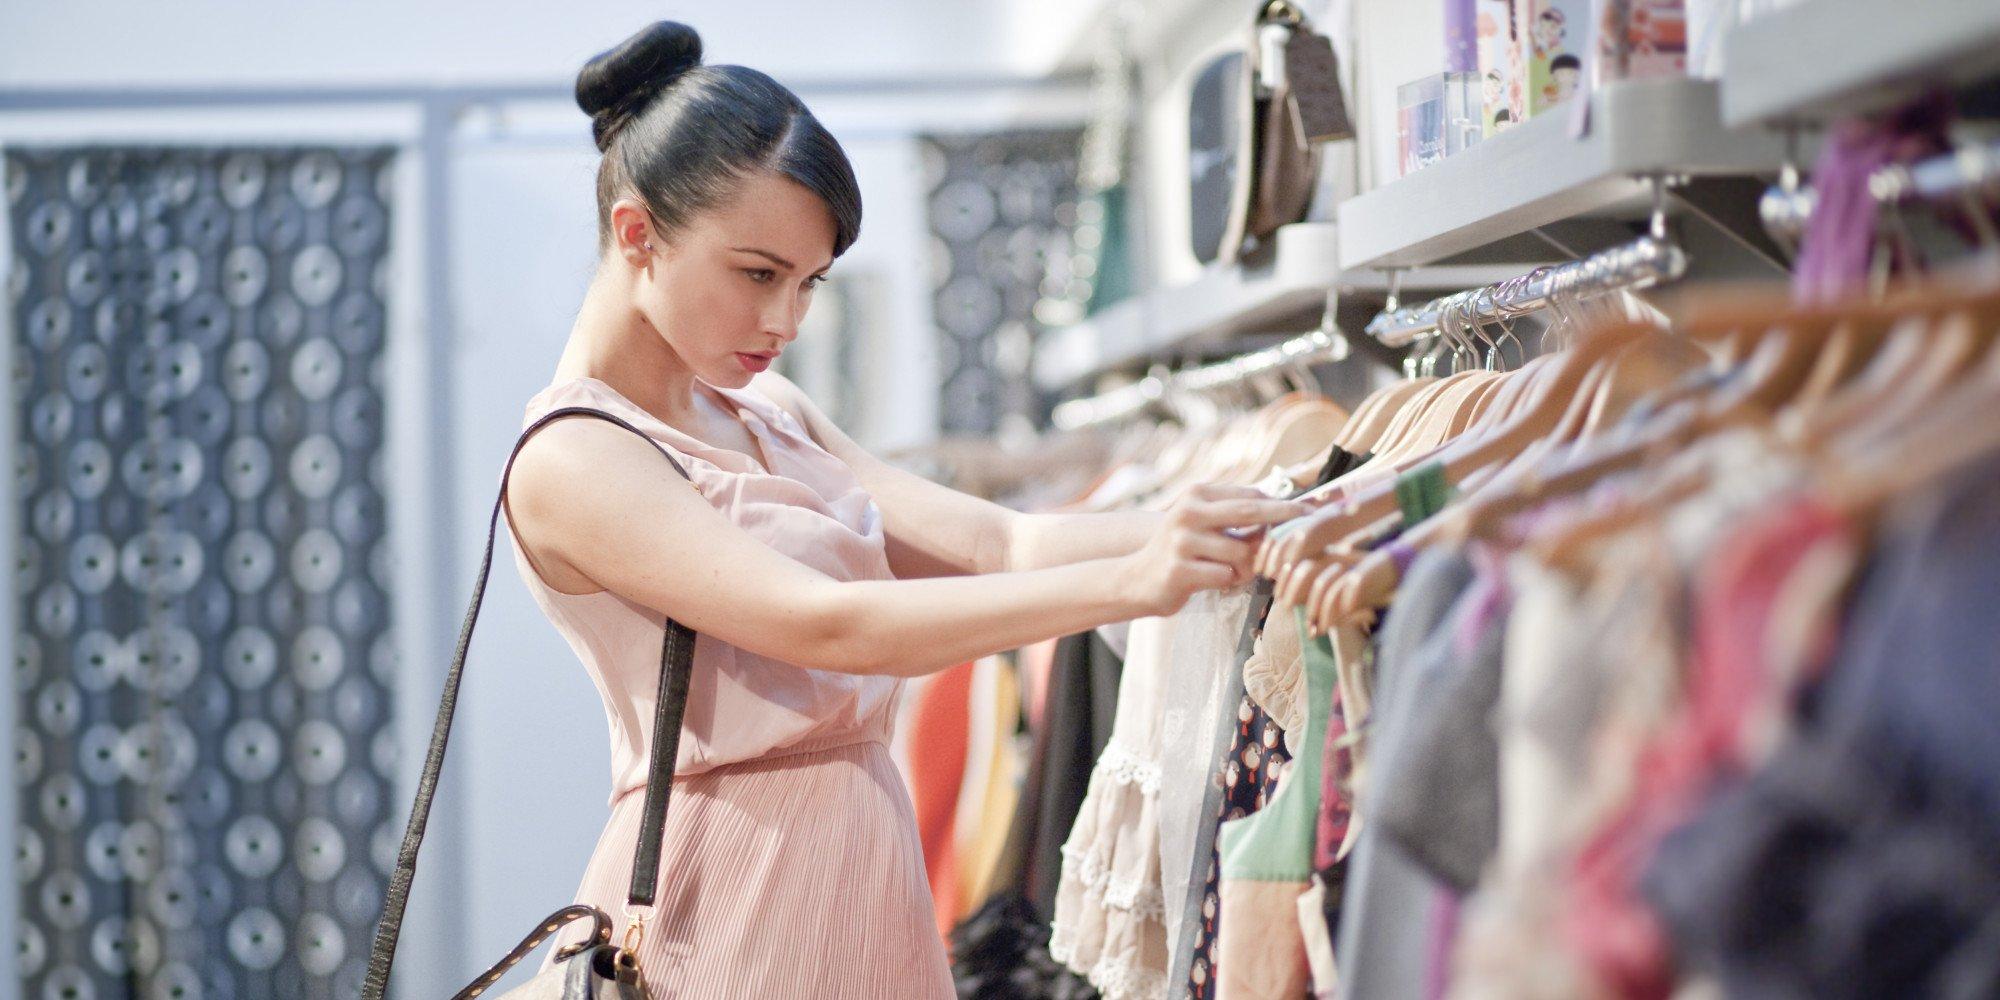 97d418ca76c Мужская брендовая одежда в интернет-магазине продается на любой вкус. Если  разбираться в вопросе